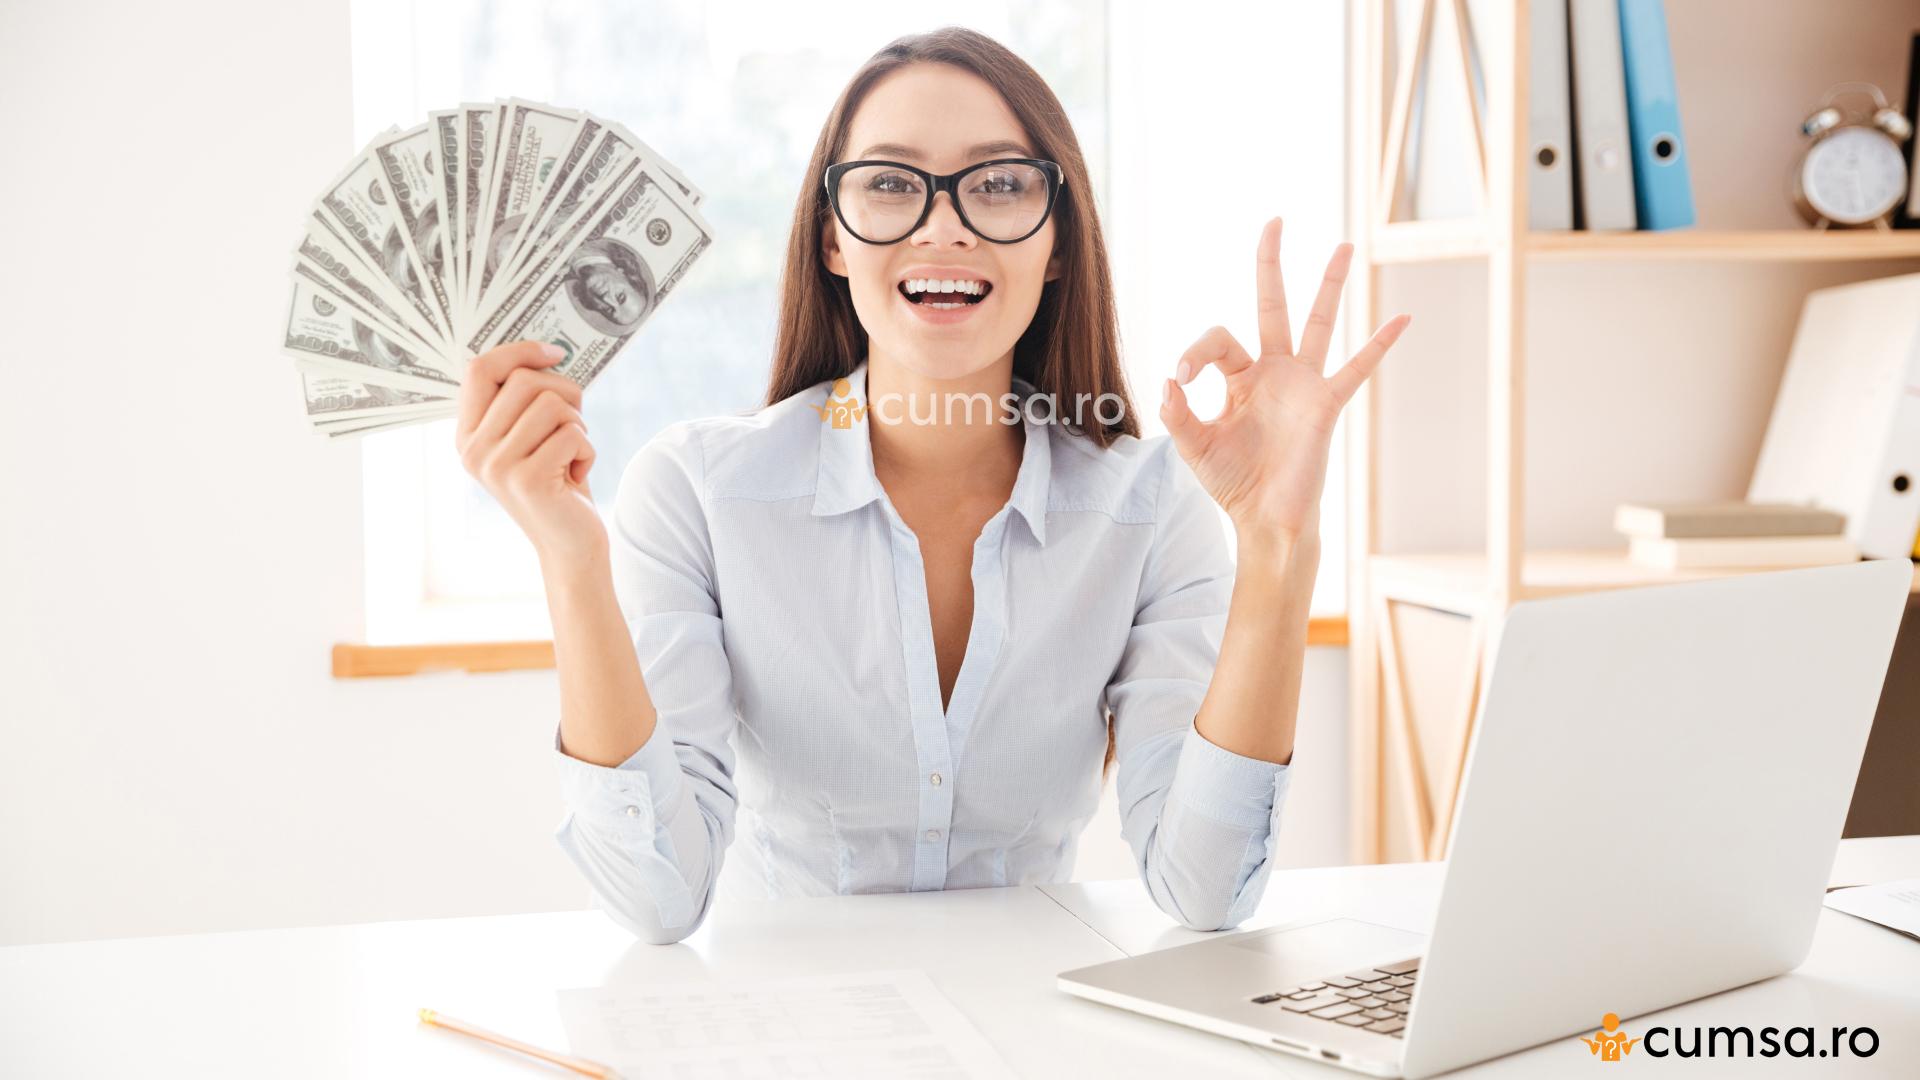 idei cum să faci bani mari